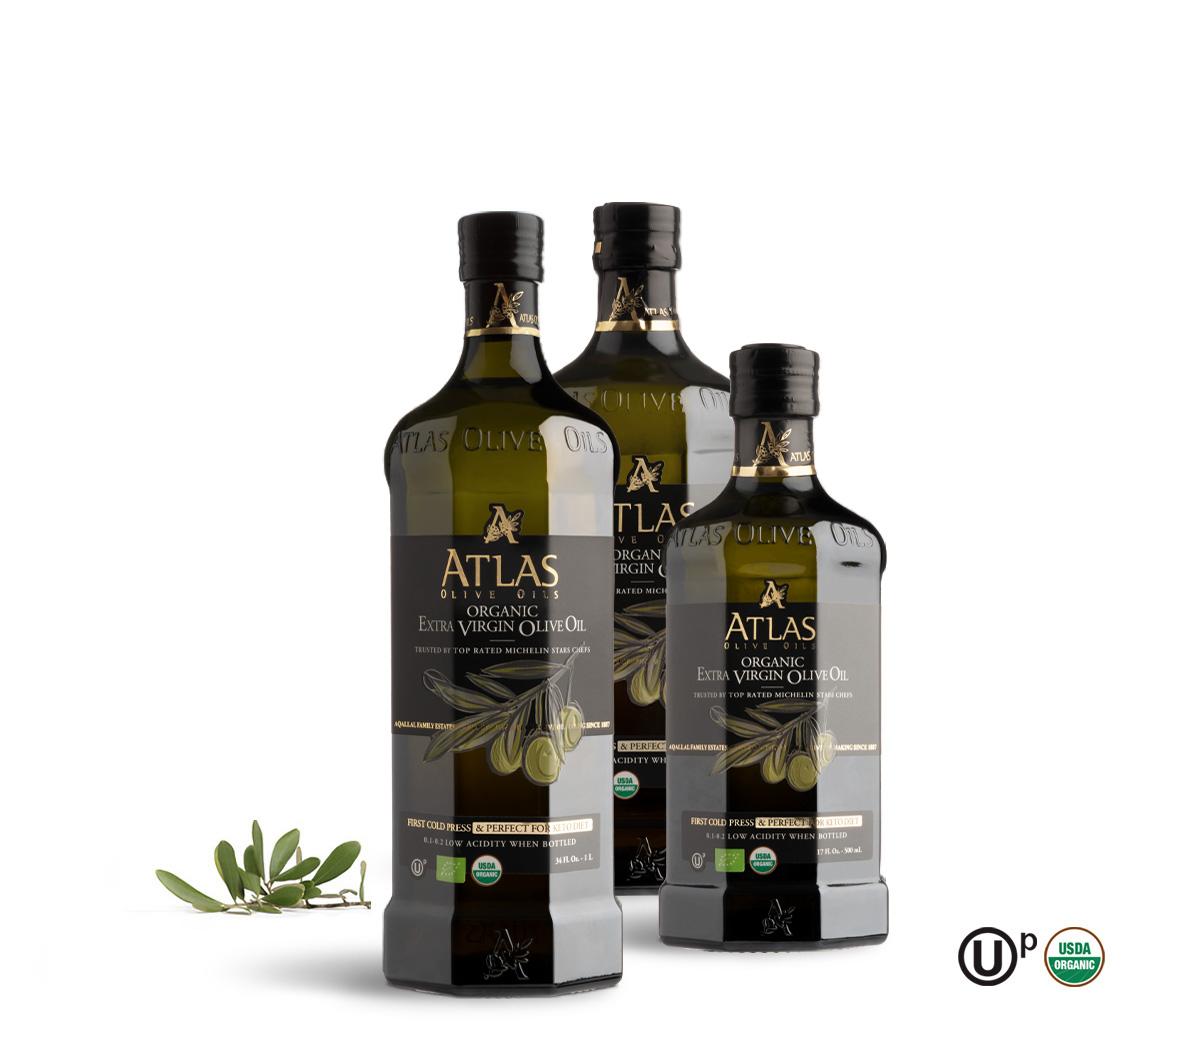 ATLAS Premium Organic Extra Virgin Olive Oil